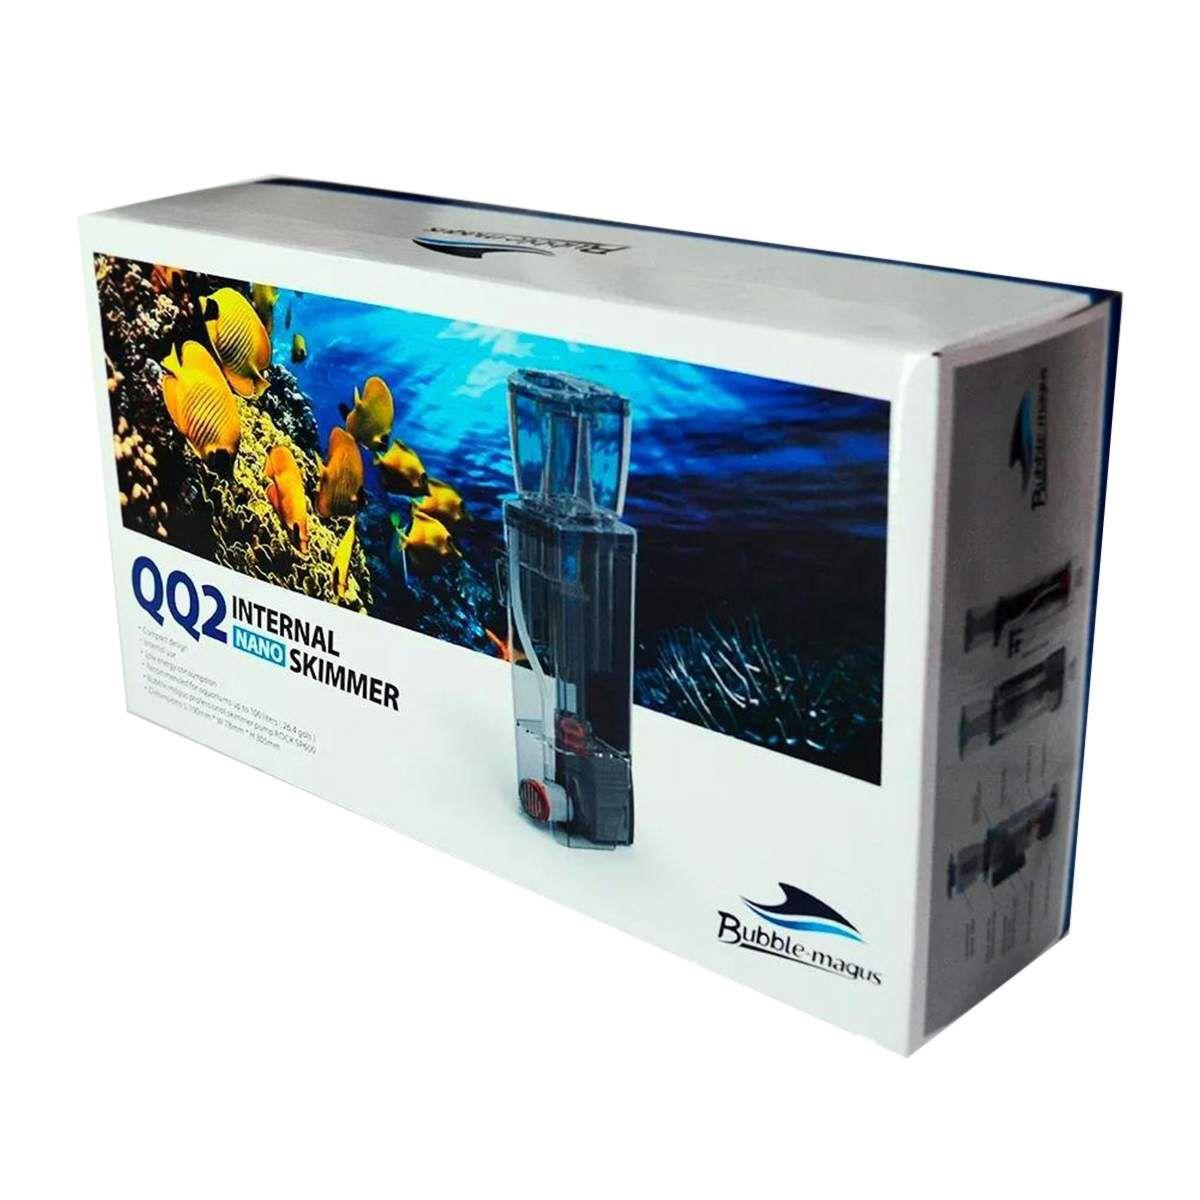 Skimmer Bubble Magus Qq2 P/ Aquários 100lts Bivolt Dsp600